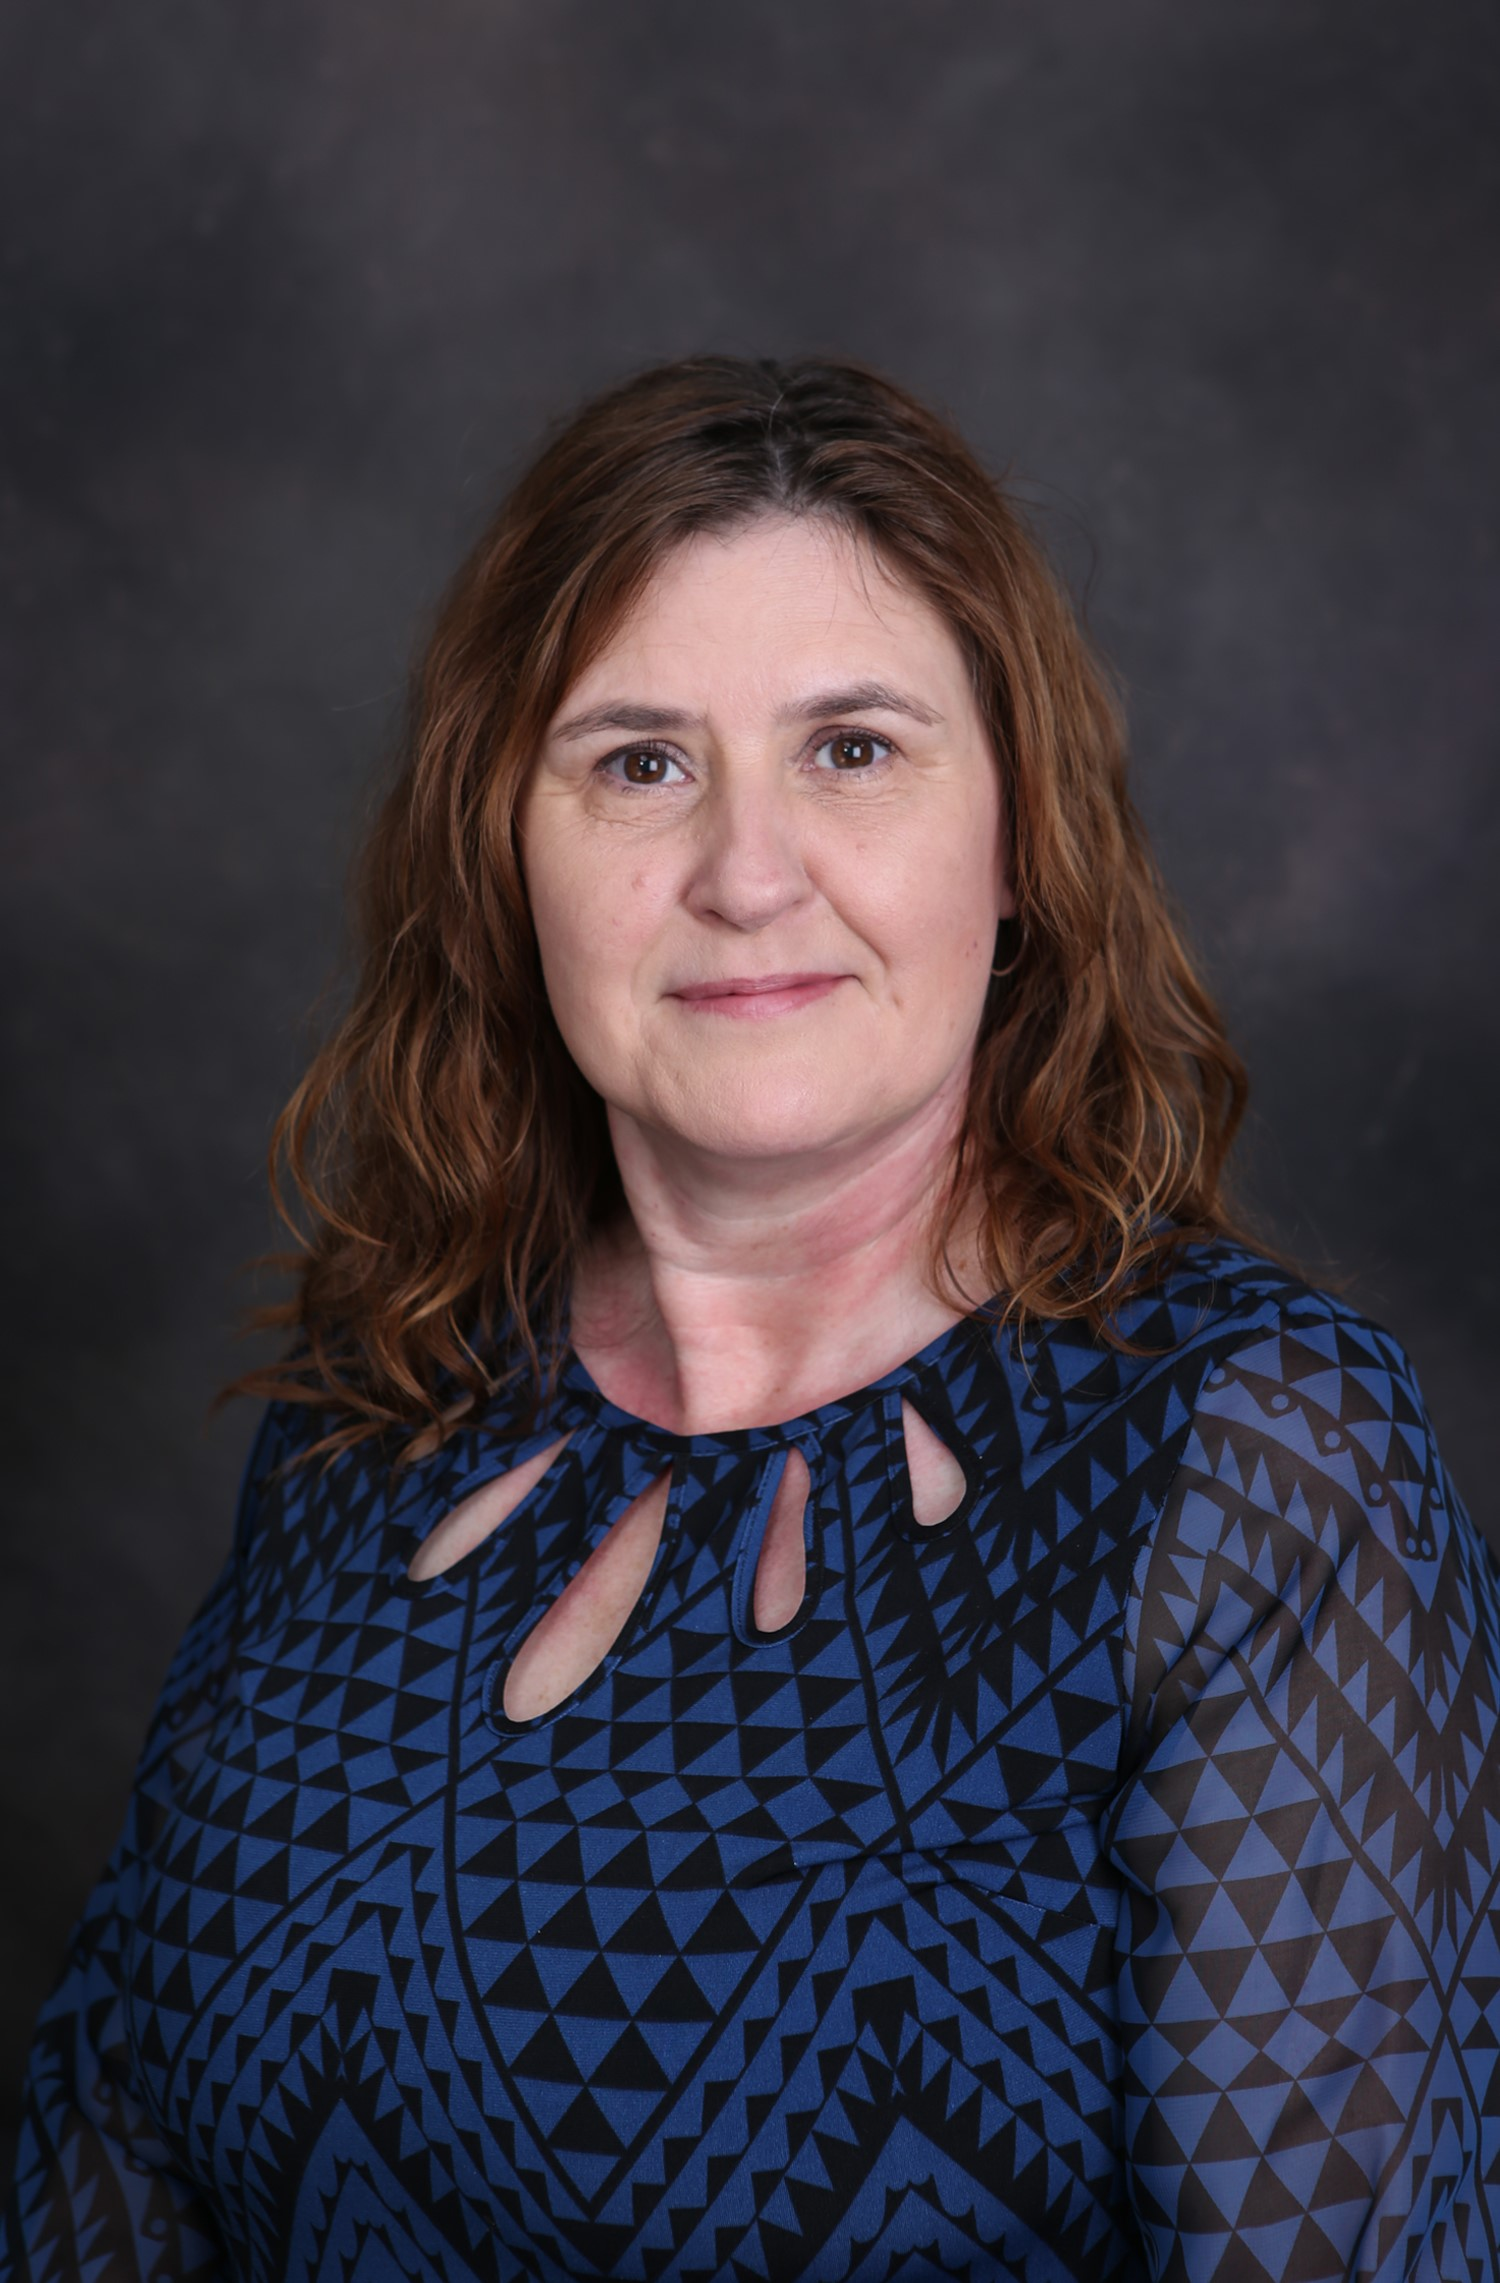 Ms. Karen Kephart